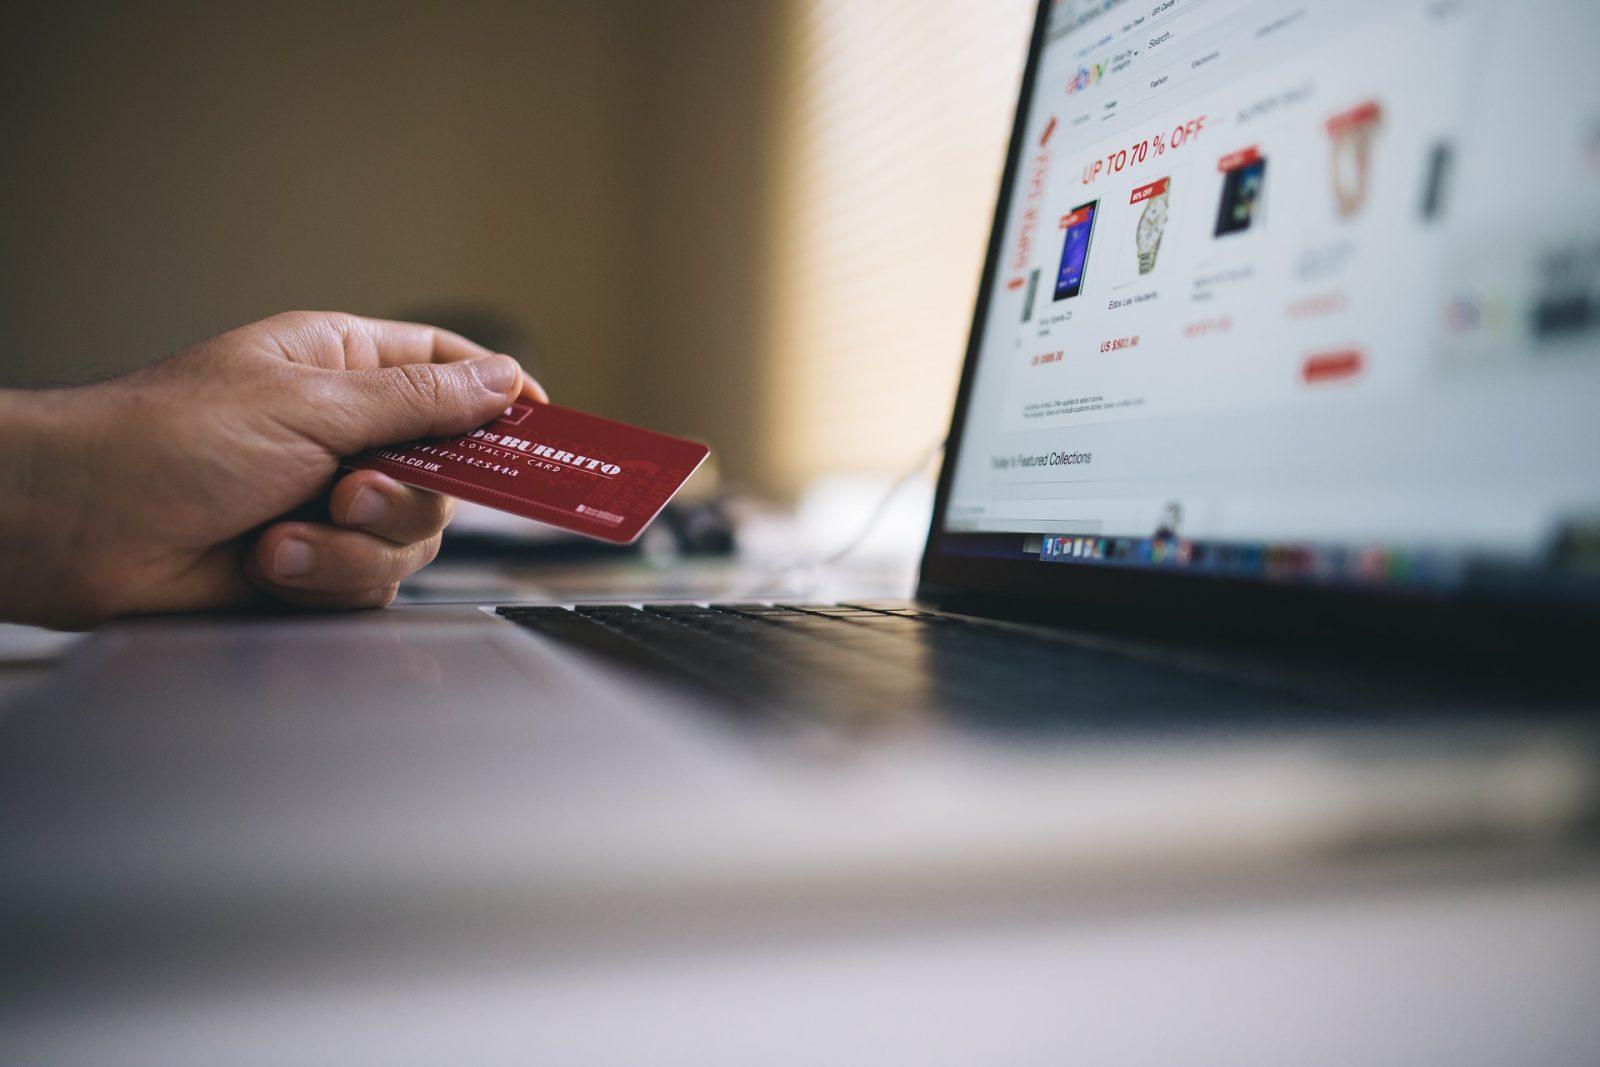 Vente en ligne : un programme d'aide pour les commerces locaux